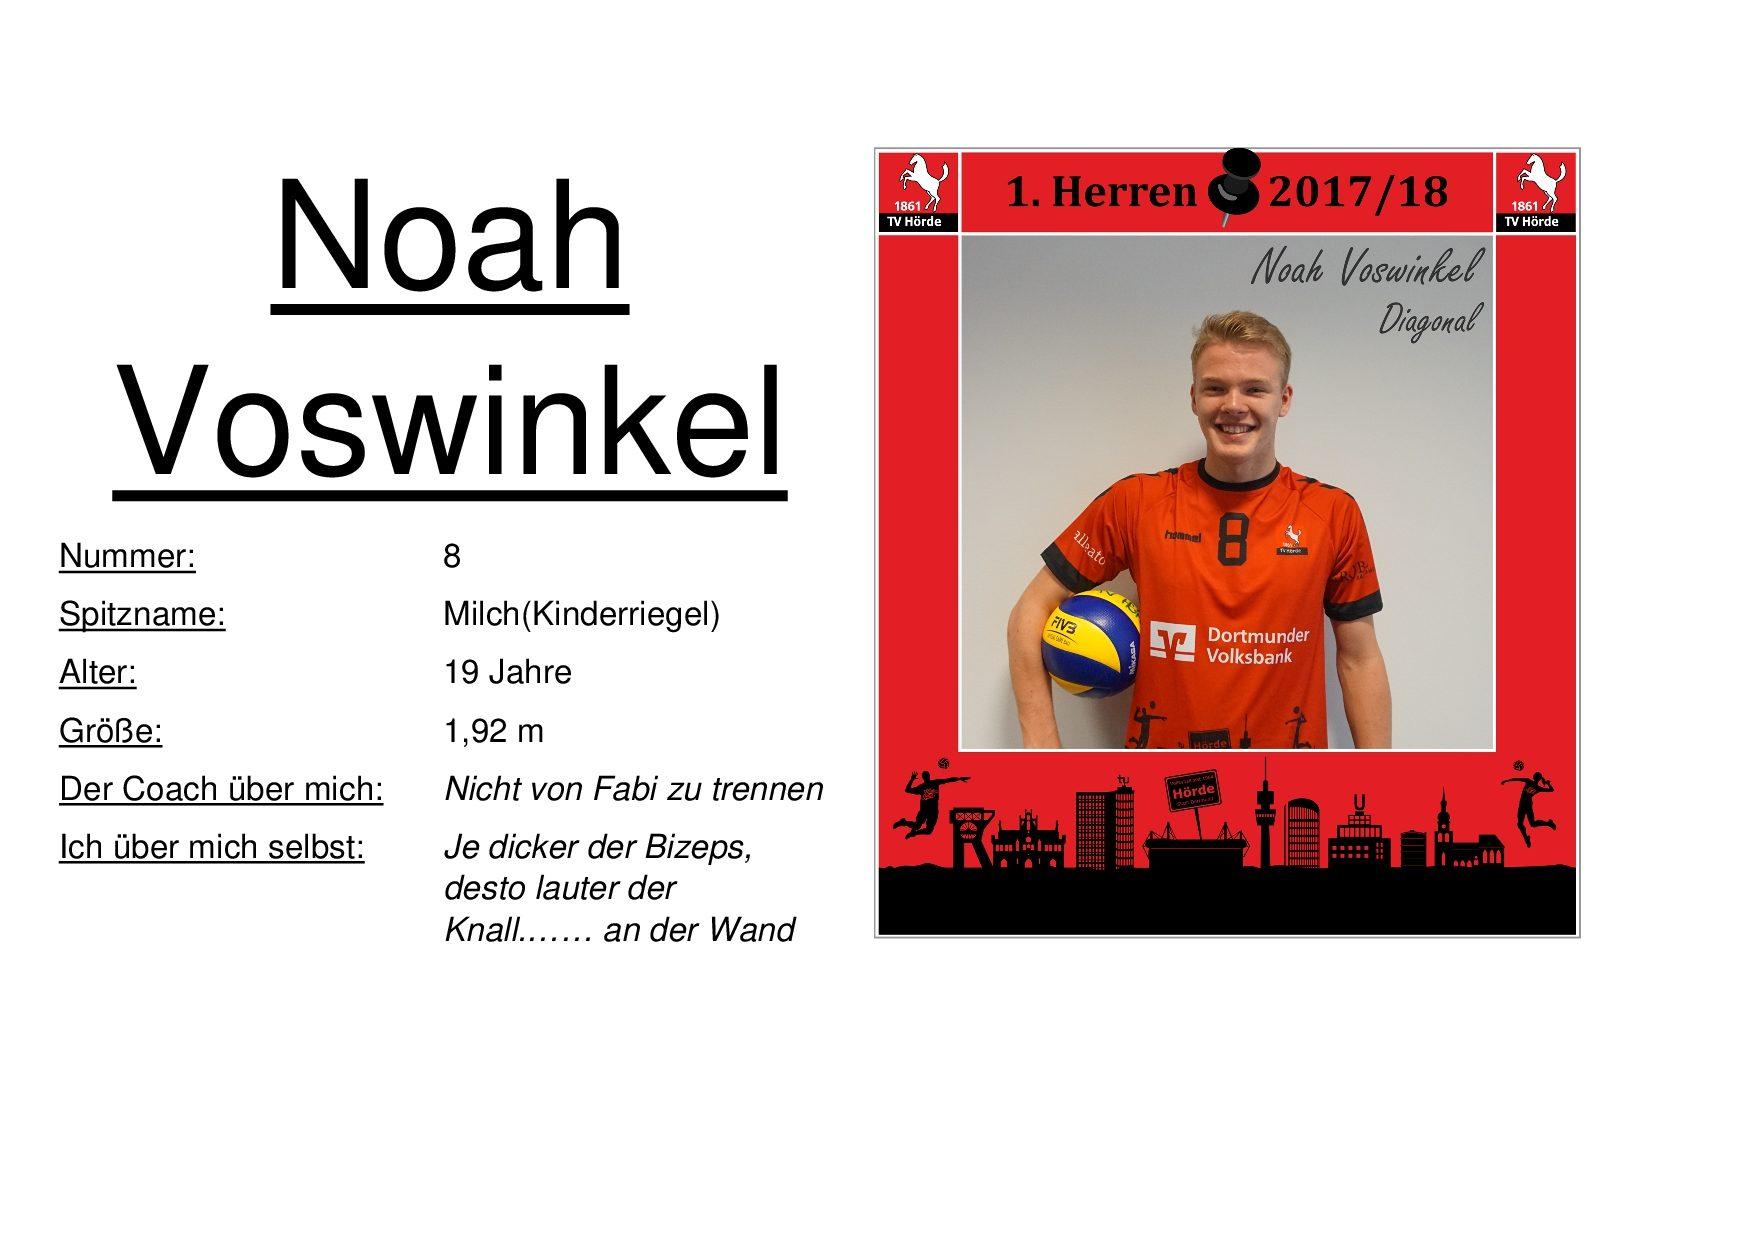 Noah Voswinkel